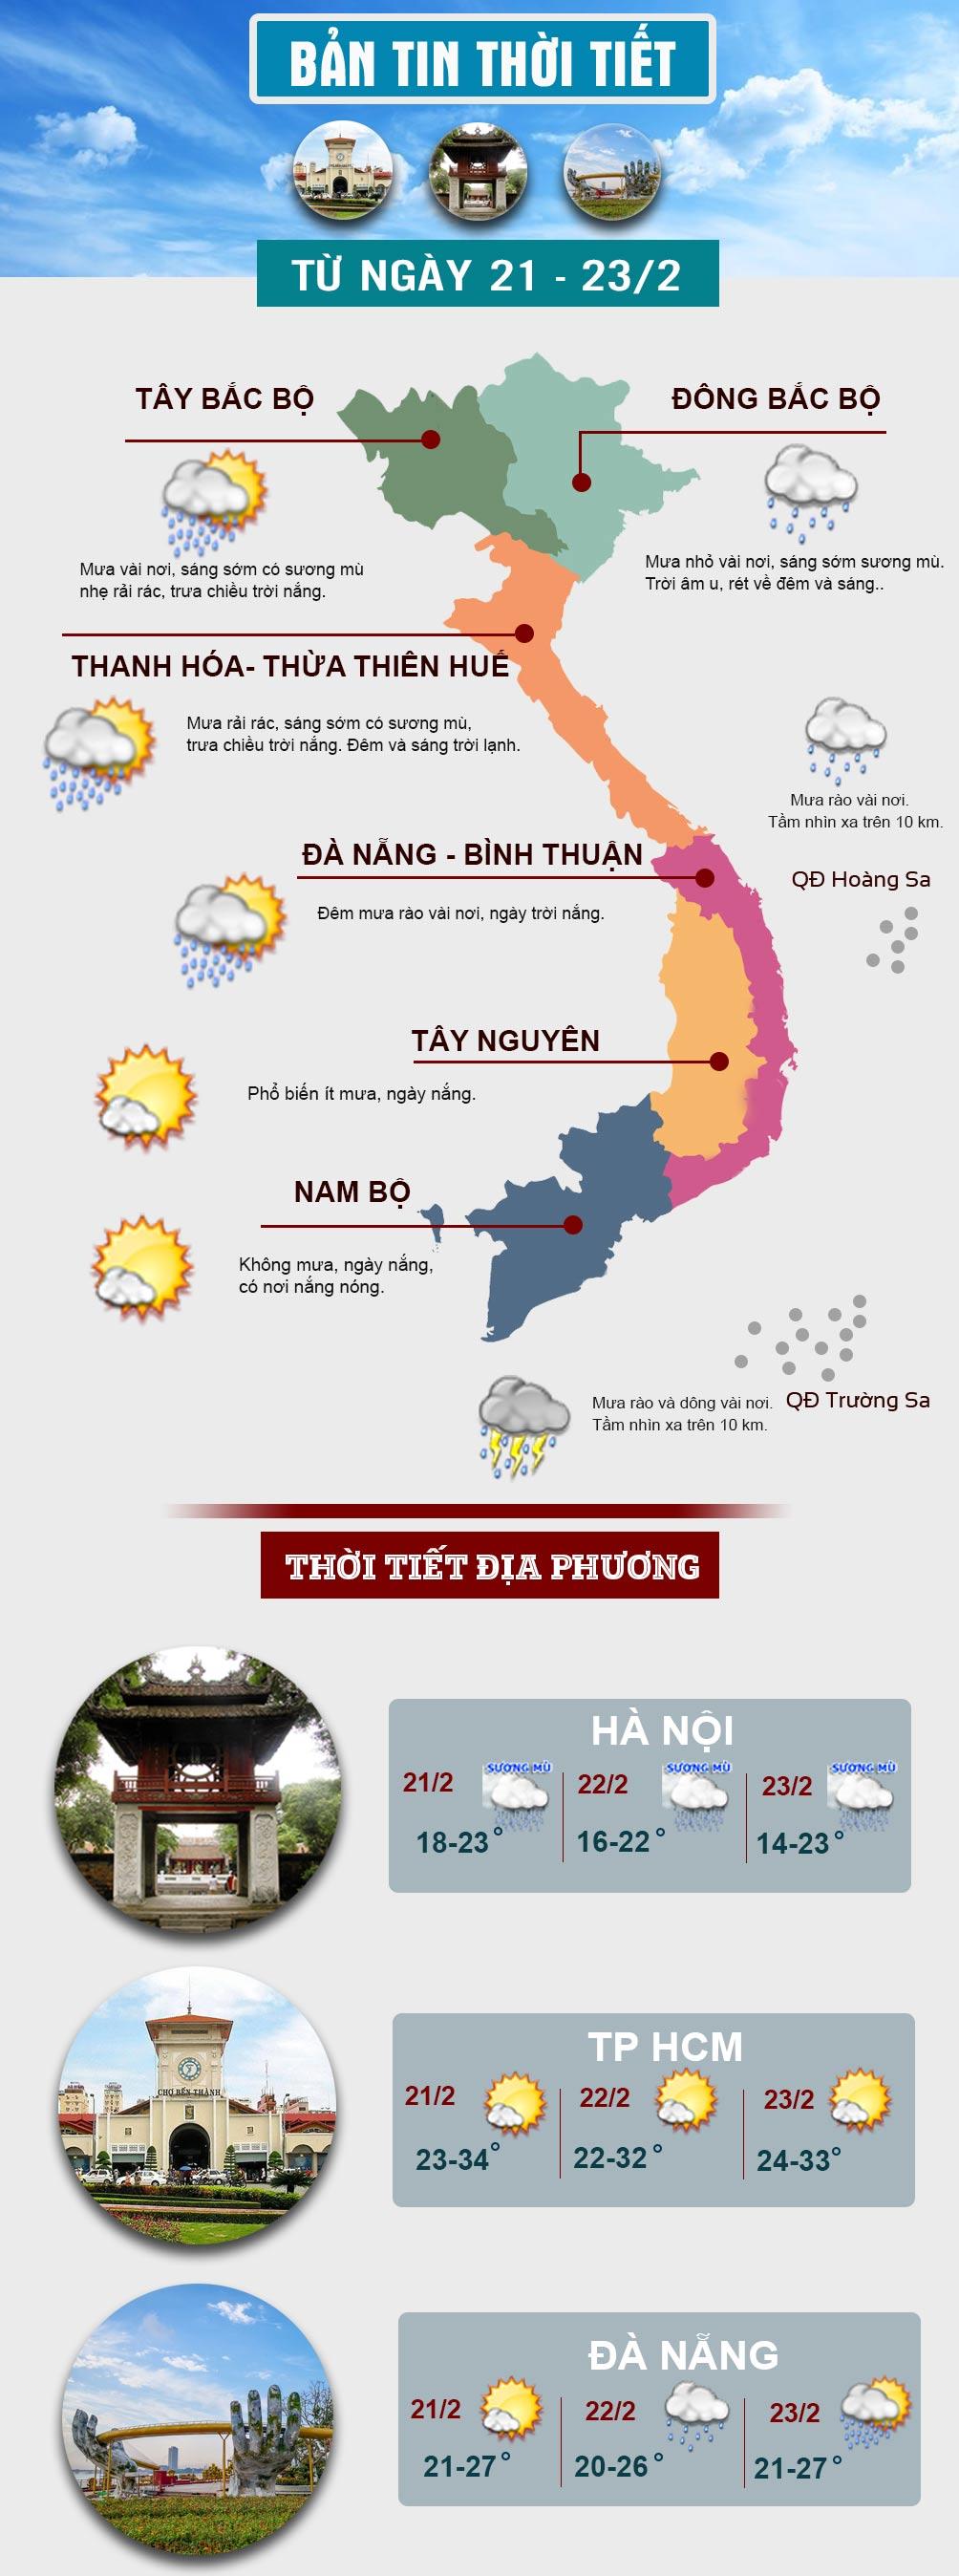 Miền Bắc trời âm u, sương mù, miền Nam có nơi nắng nóng - 1